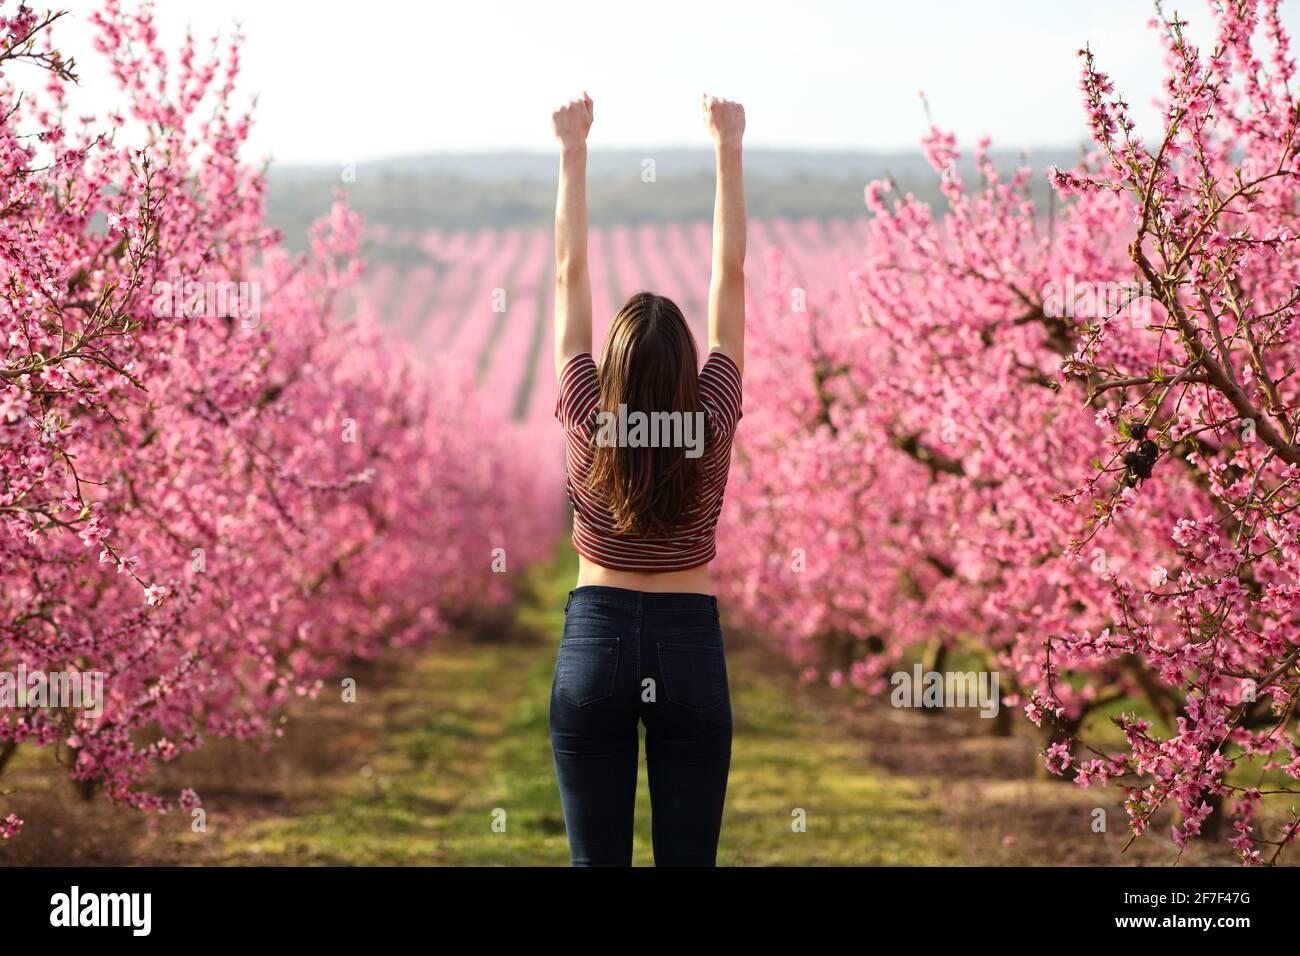 Vue arrière d'une femme célébrant des vacances en levant les armes un terrain à fleurs roses au printemps Banque D'Images